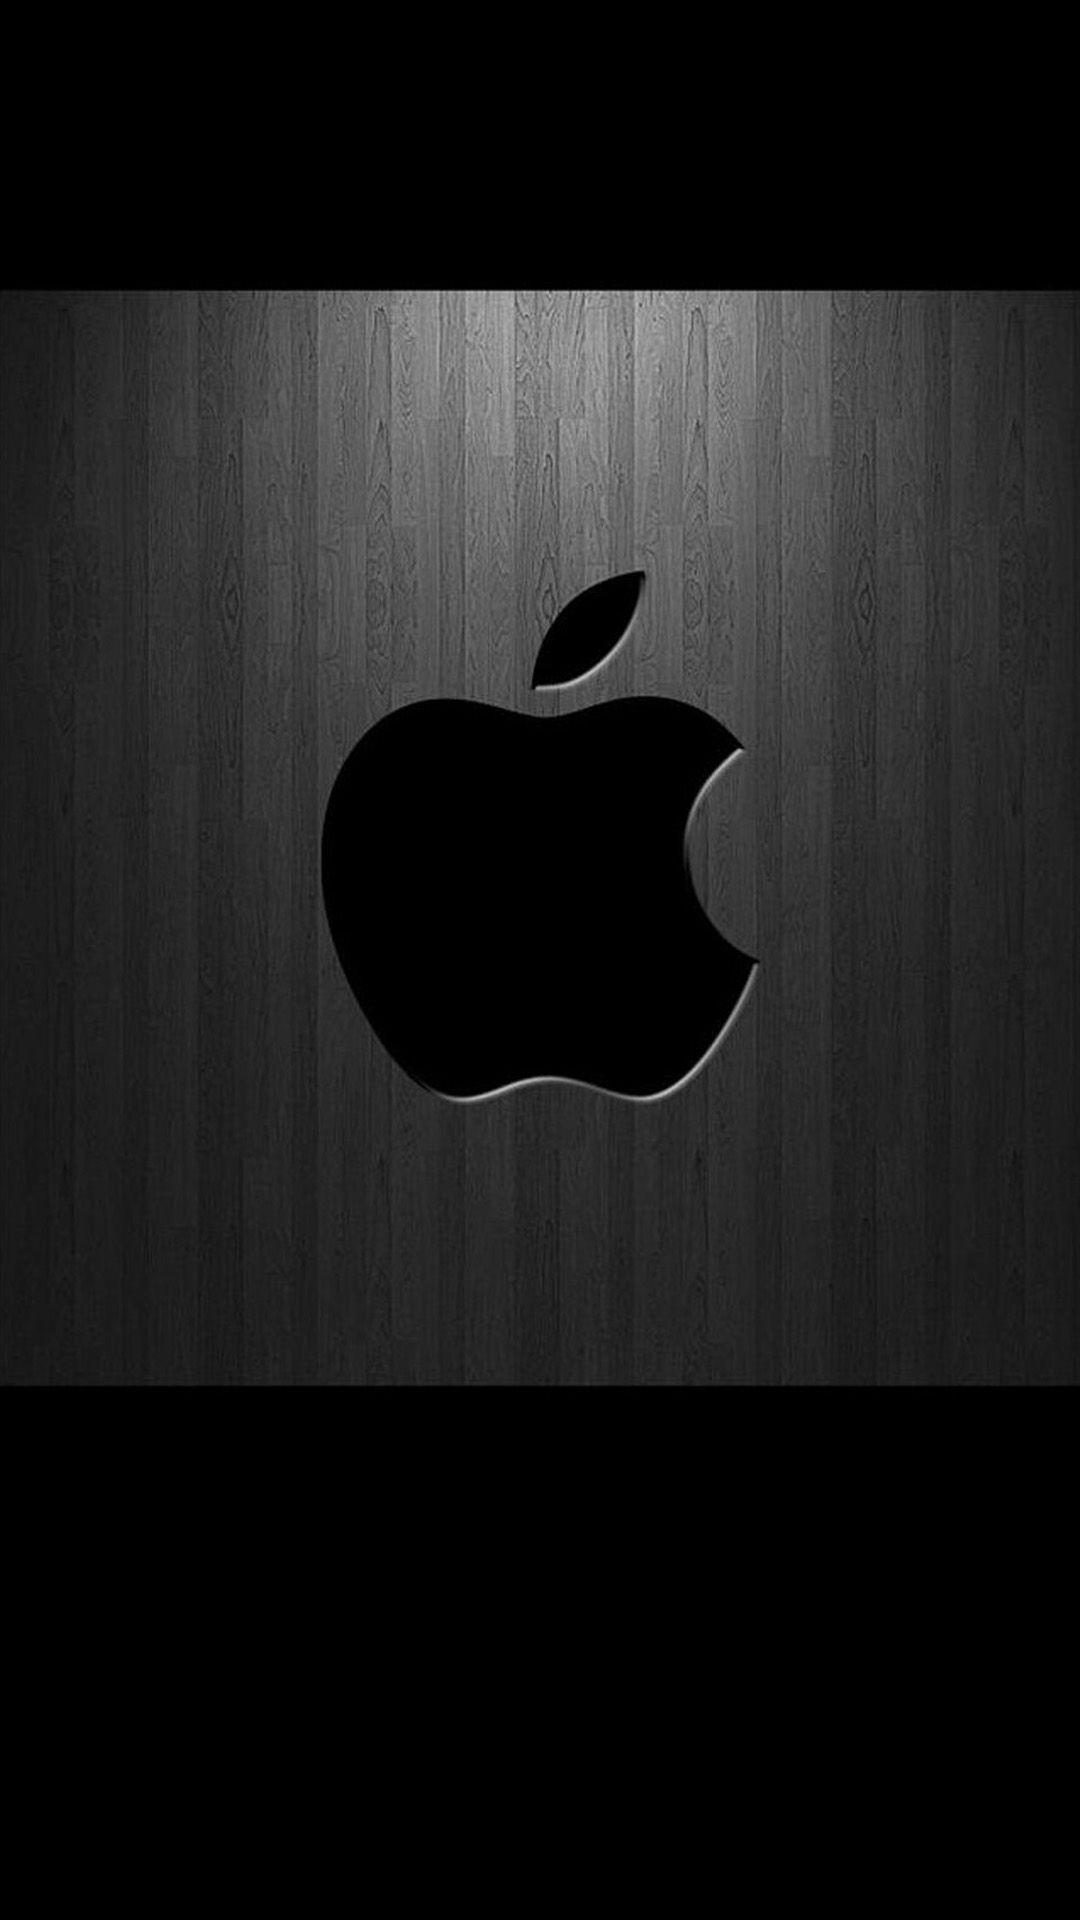 Apple Wallpapers For Iphone 6 Plus 354 Iphone 6 Plus Wallpaper Papel De Parede Wallpaper Logotipo Da Apple Papeis De Parede